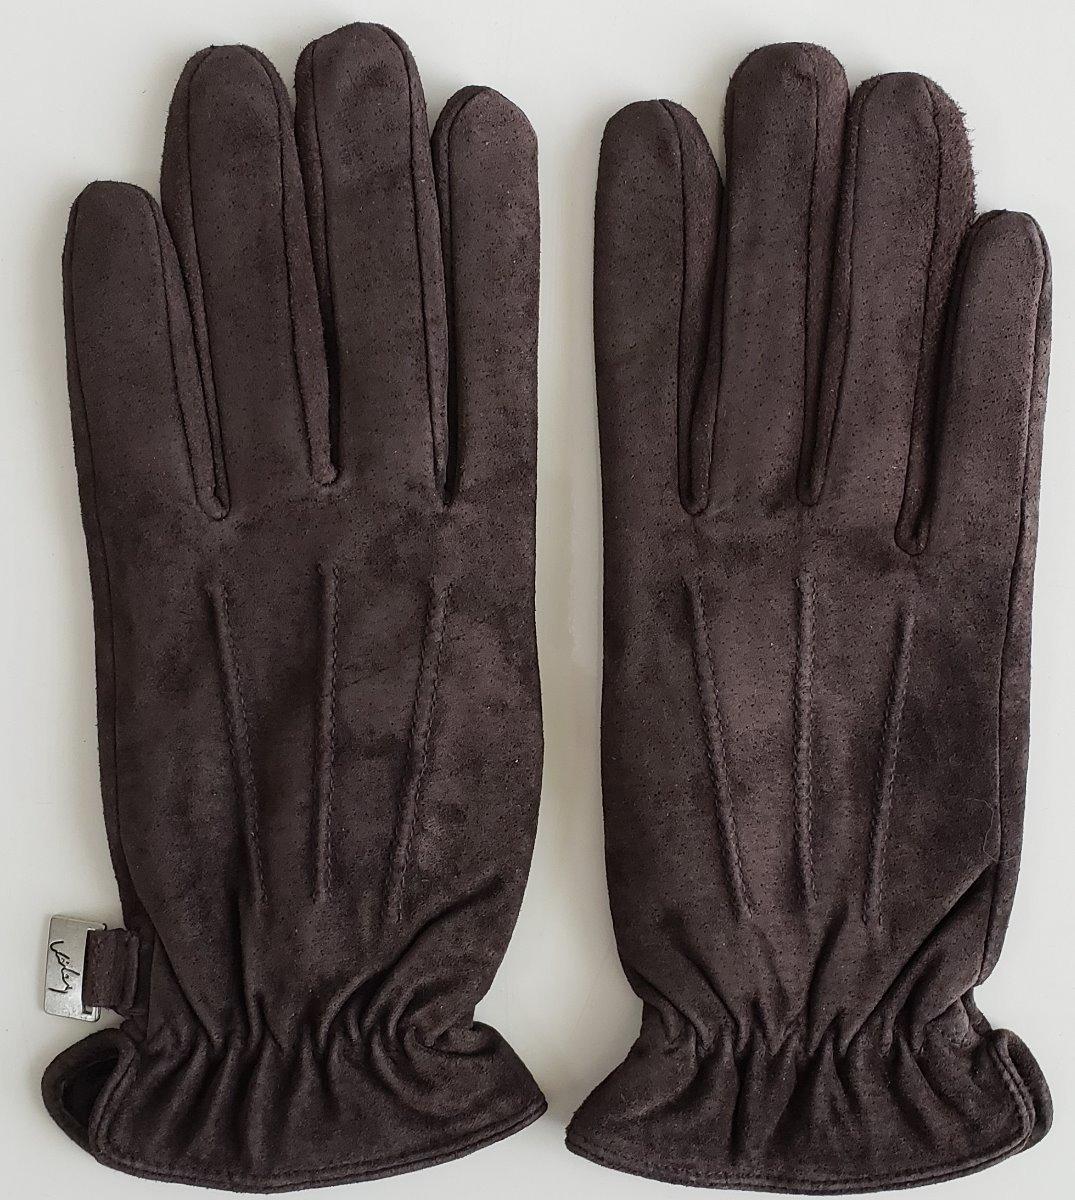 3dd0b48f41a99 guantes mujer cuero piel ante genuino marca velez original. Cargando zoom.